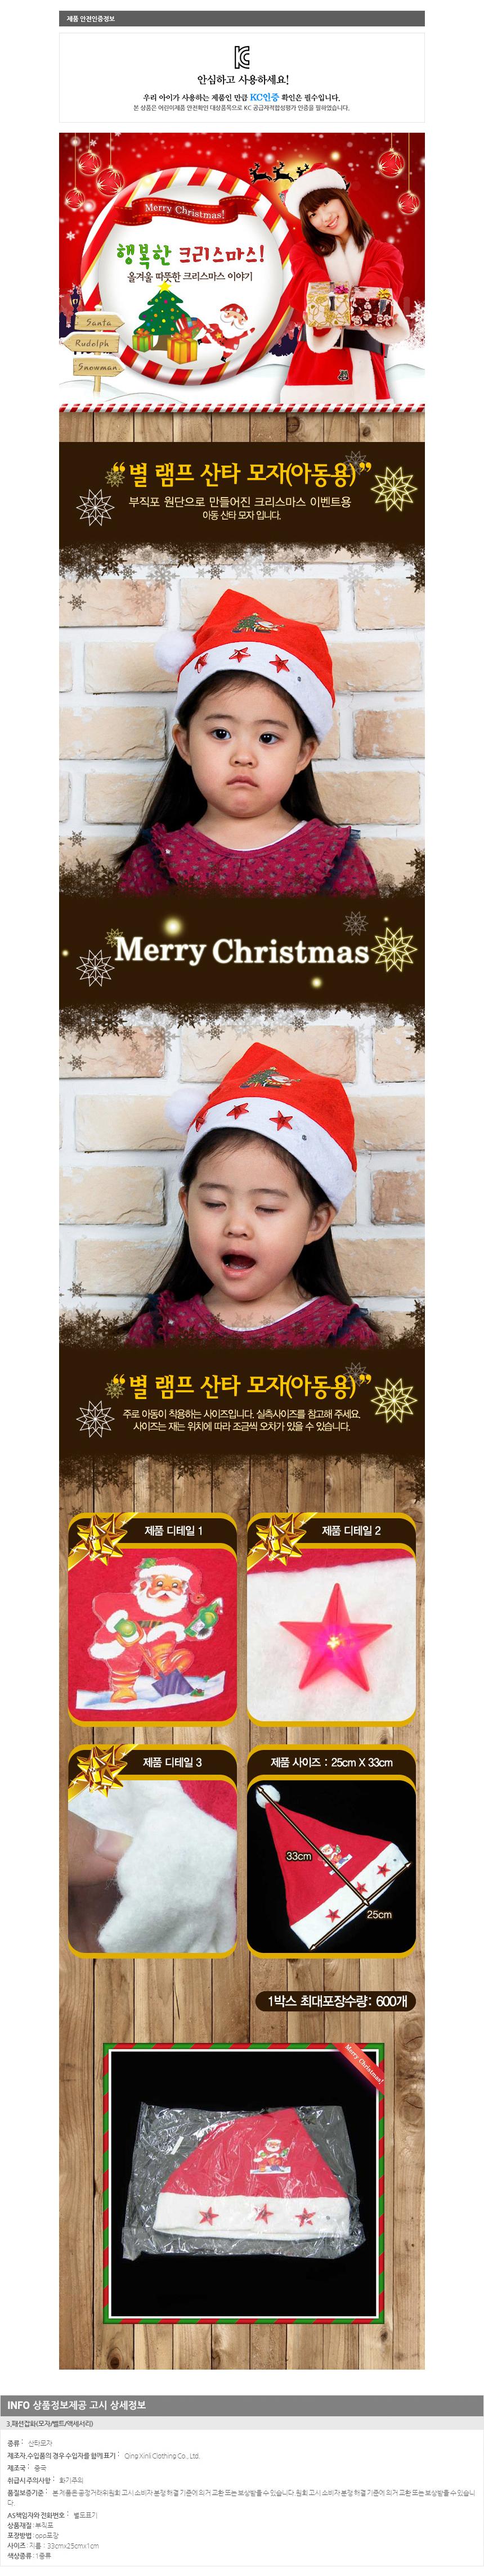 별 램프 아동용 산타모자(33cm×25cm) 산타의상 - 기프트갓, 1,290원, 장식품, 크리스마스소품